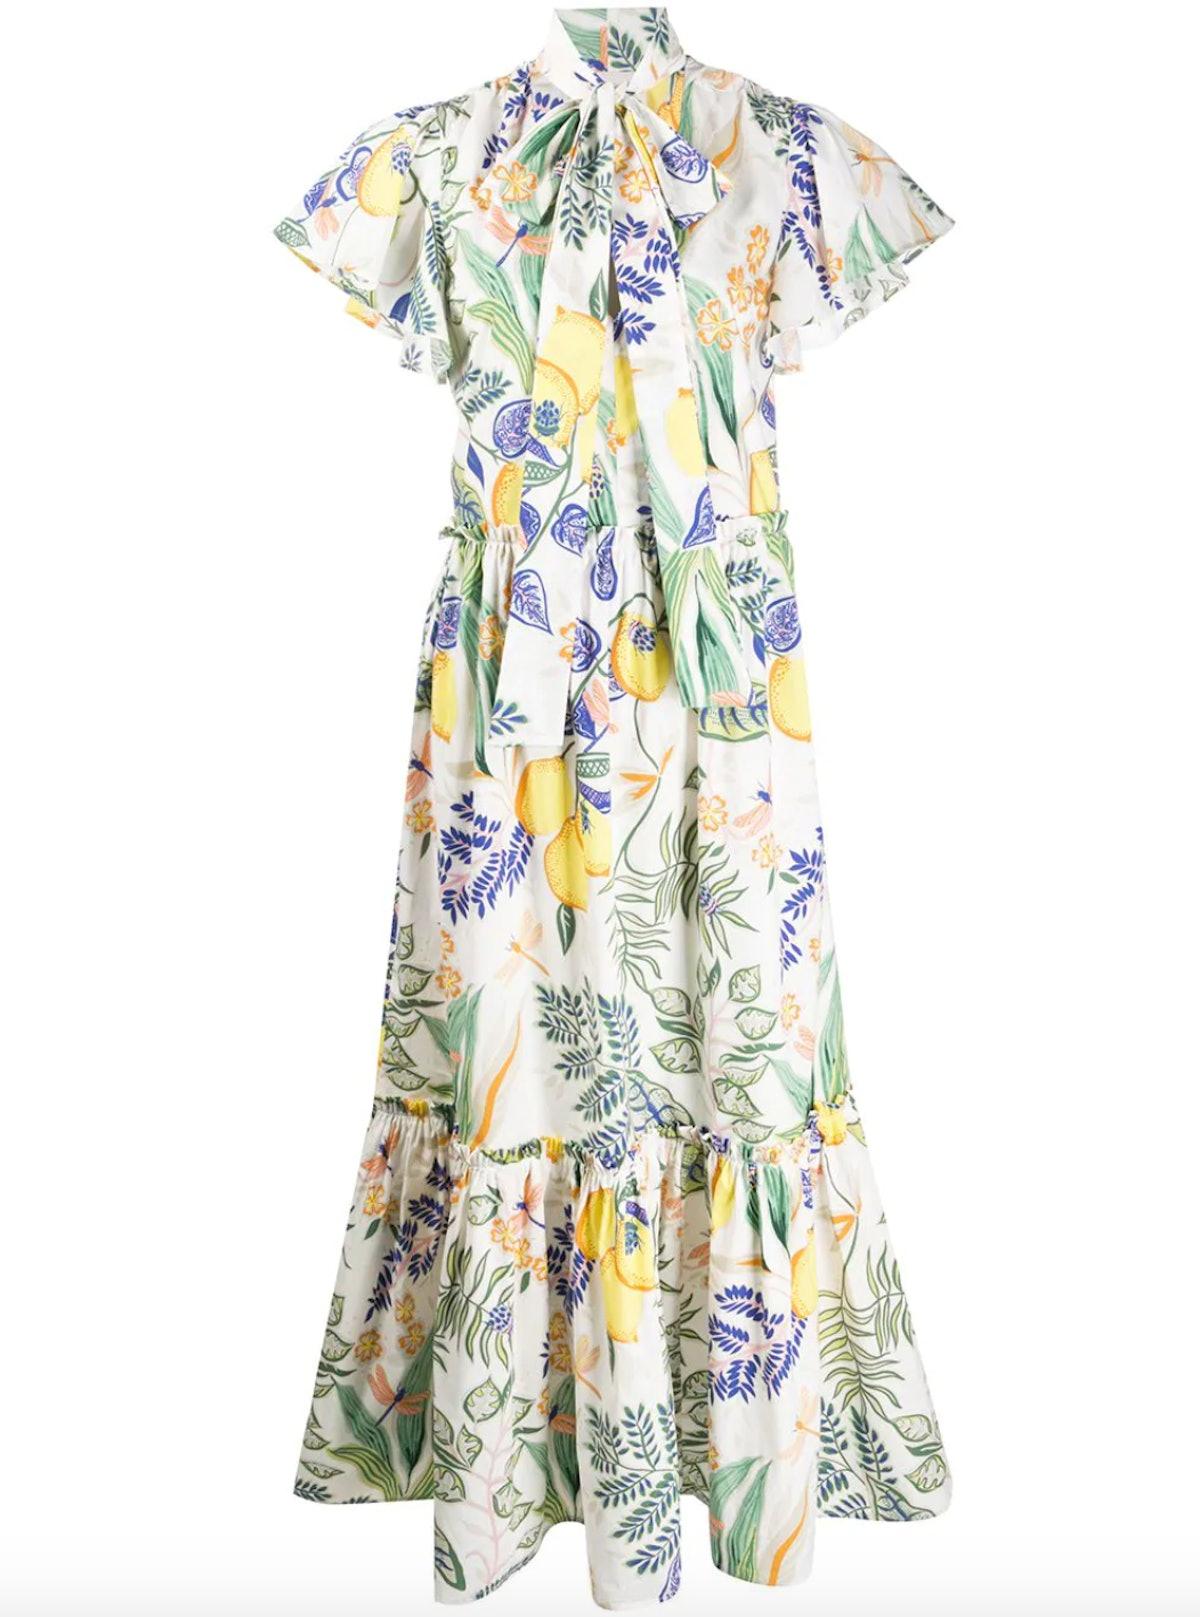 Lou Lou Lemon Print Dress